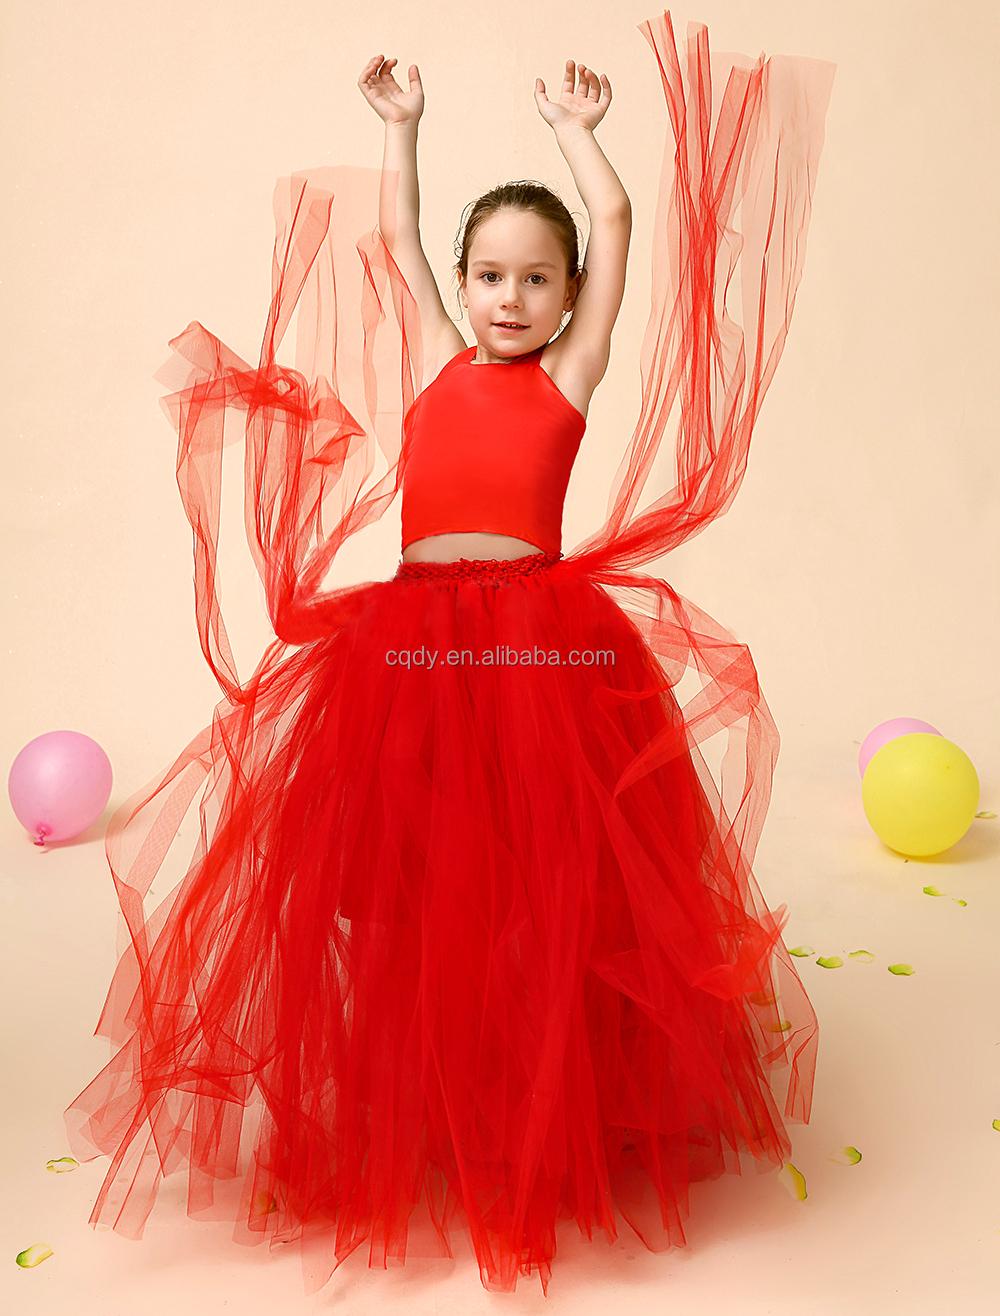 f43228db6 Mini diseño tela de tul de las niñas vestidos puffy falda de tul baile rojo  tutu